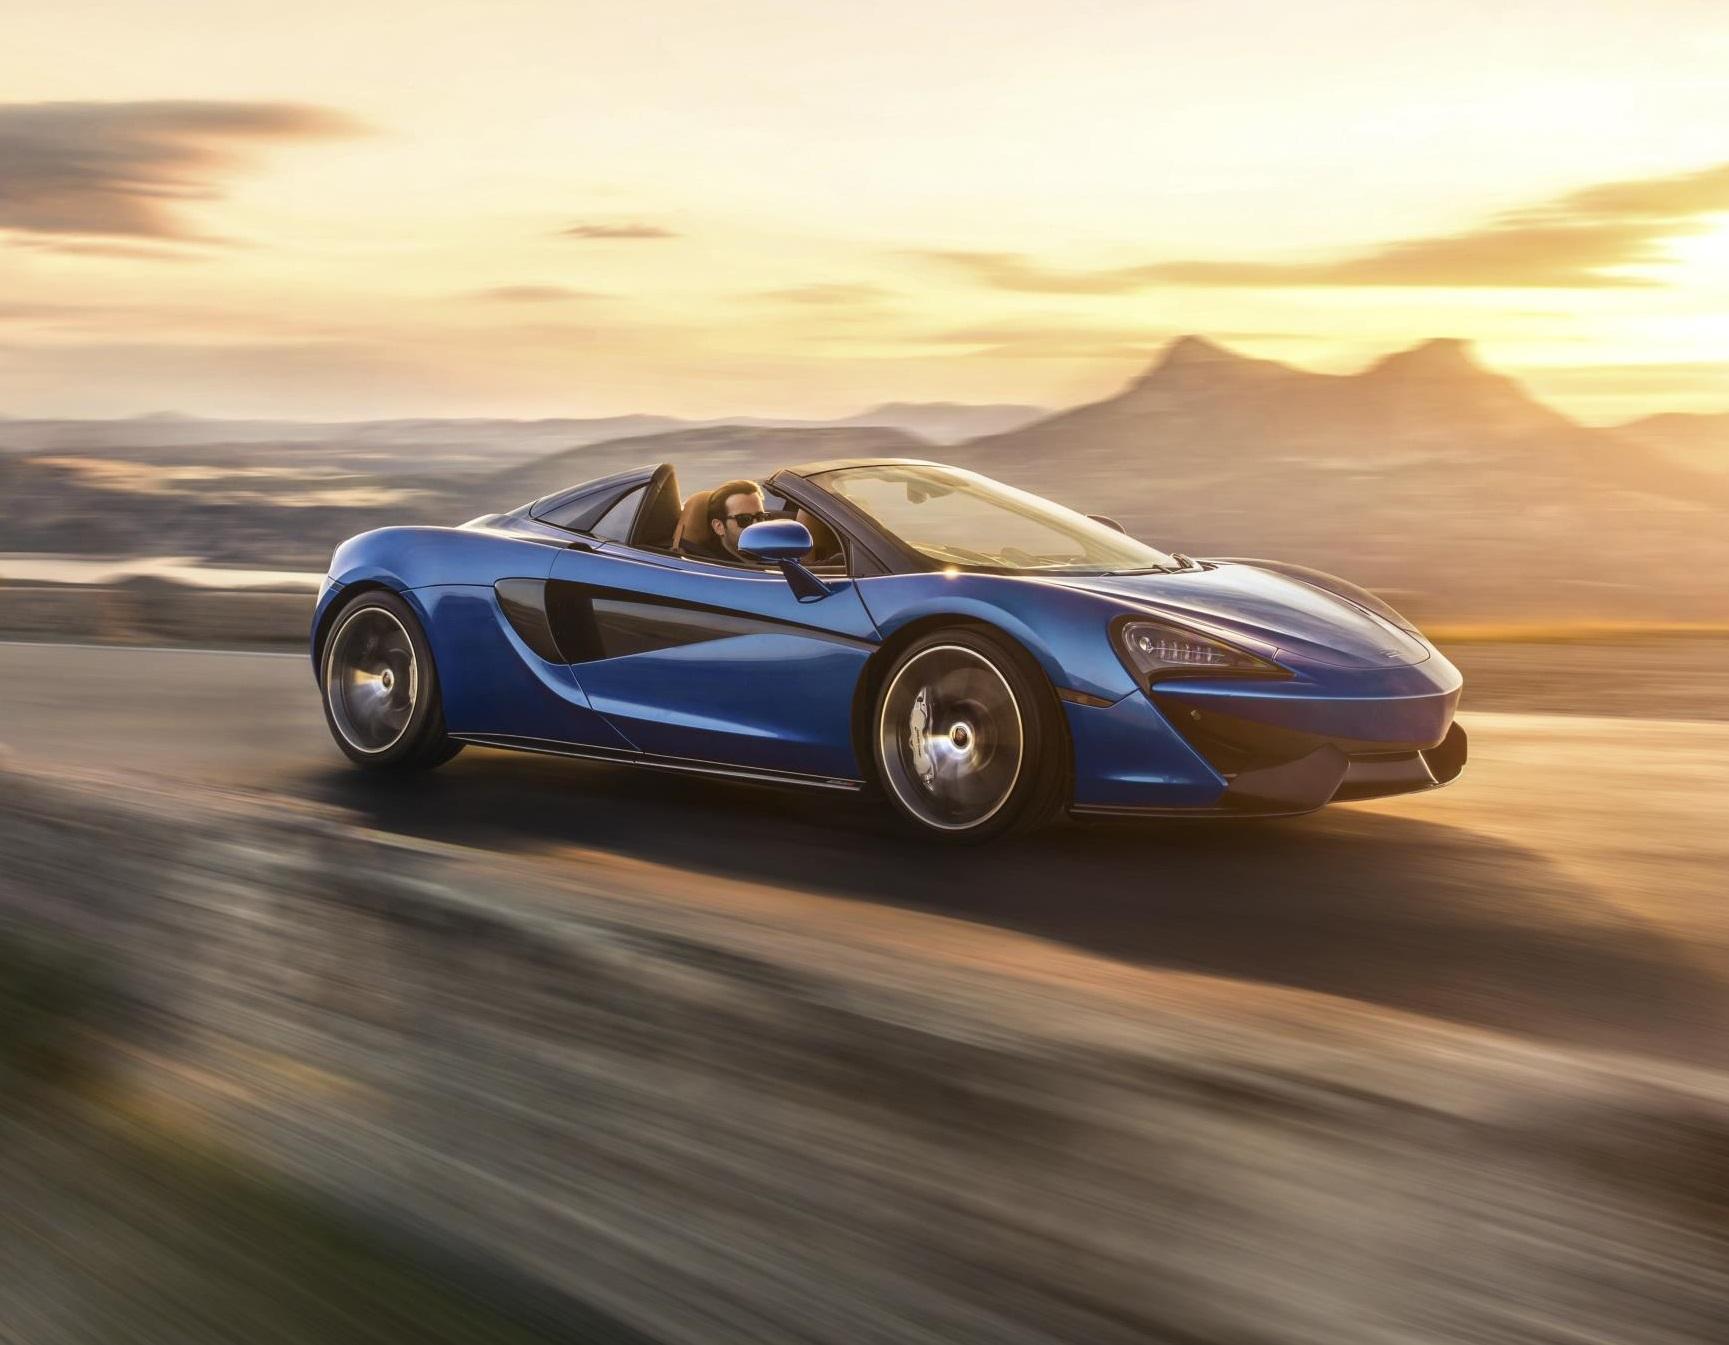 Под задней крышкой установлен 3,8-литровый твин-турбо McLaren V8 мощностью 570 л.с. и 600 Нм.